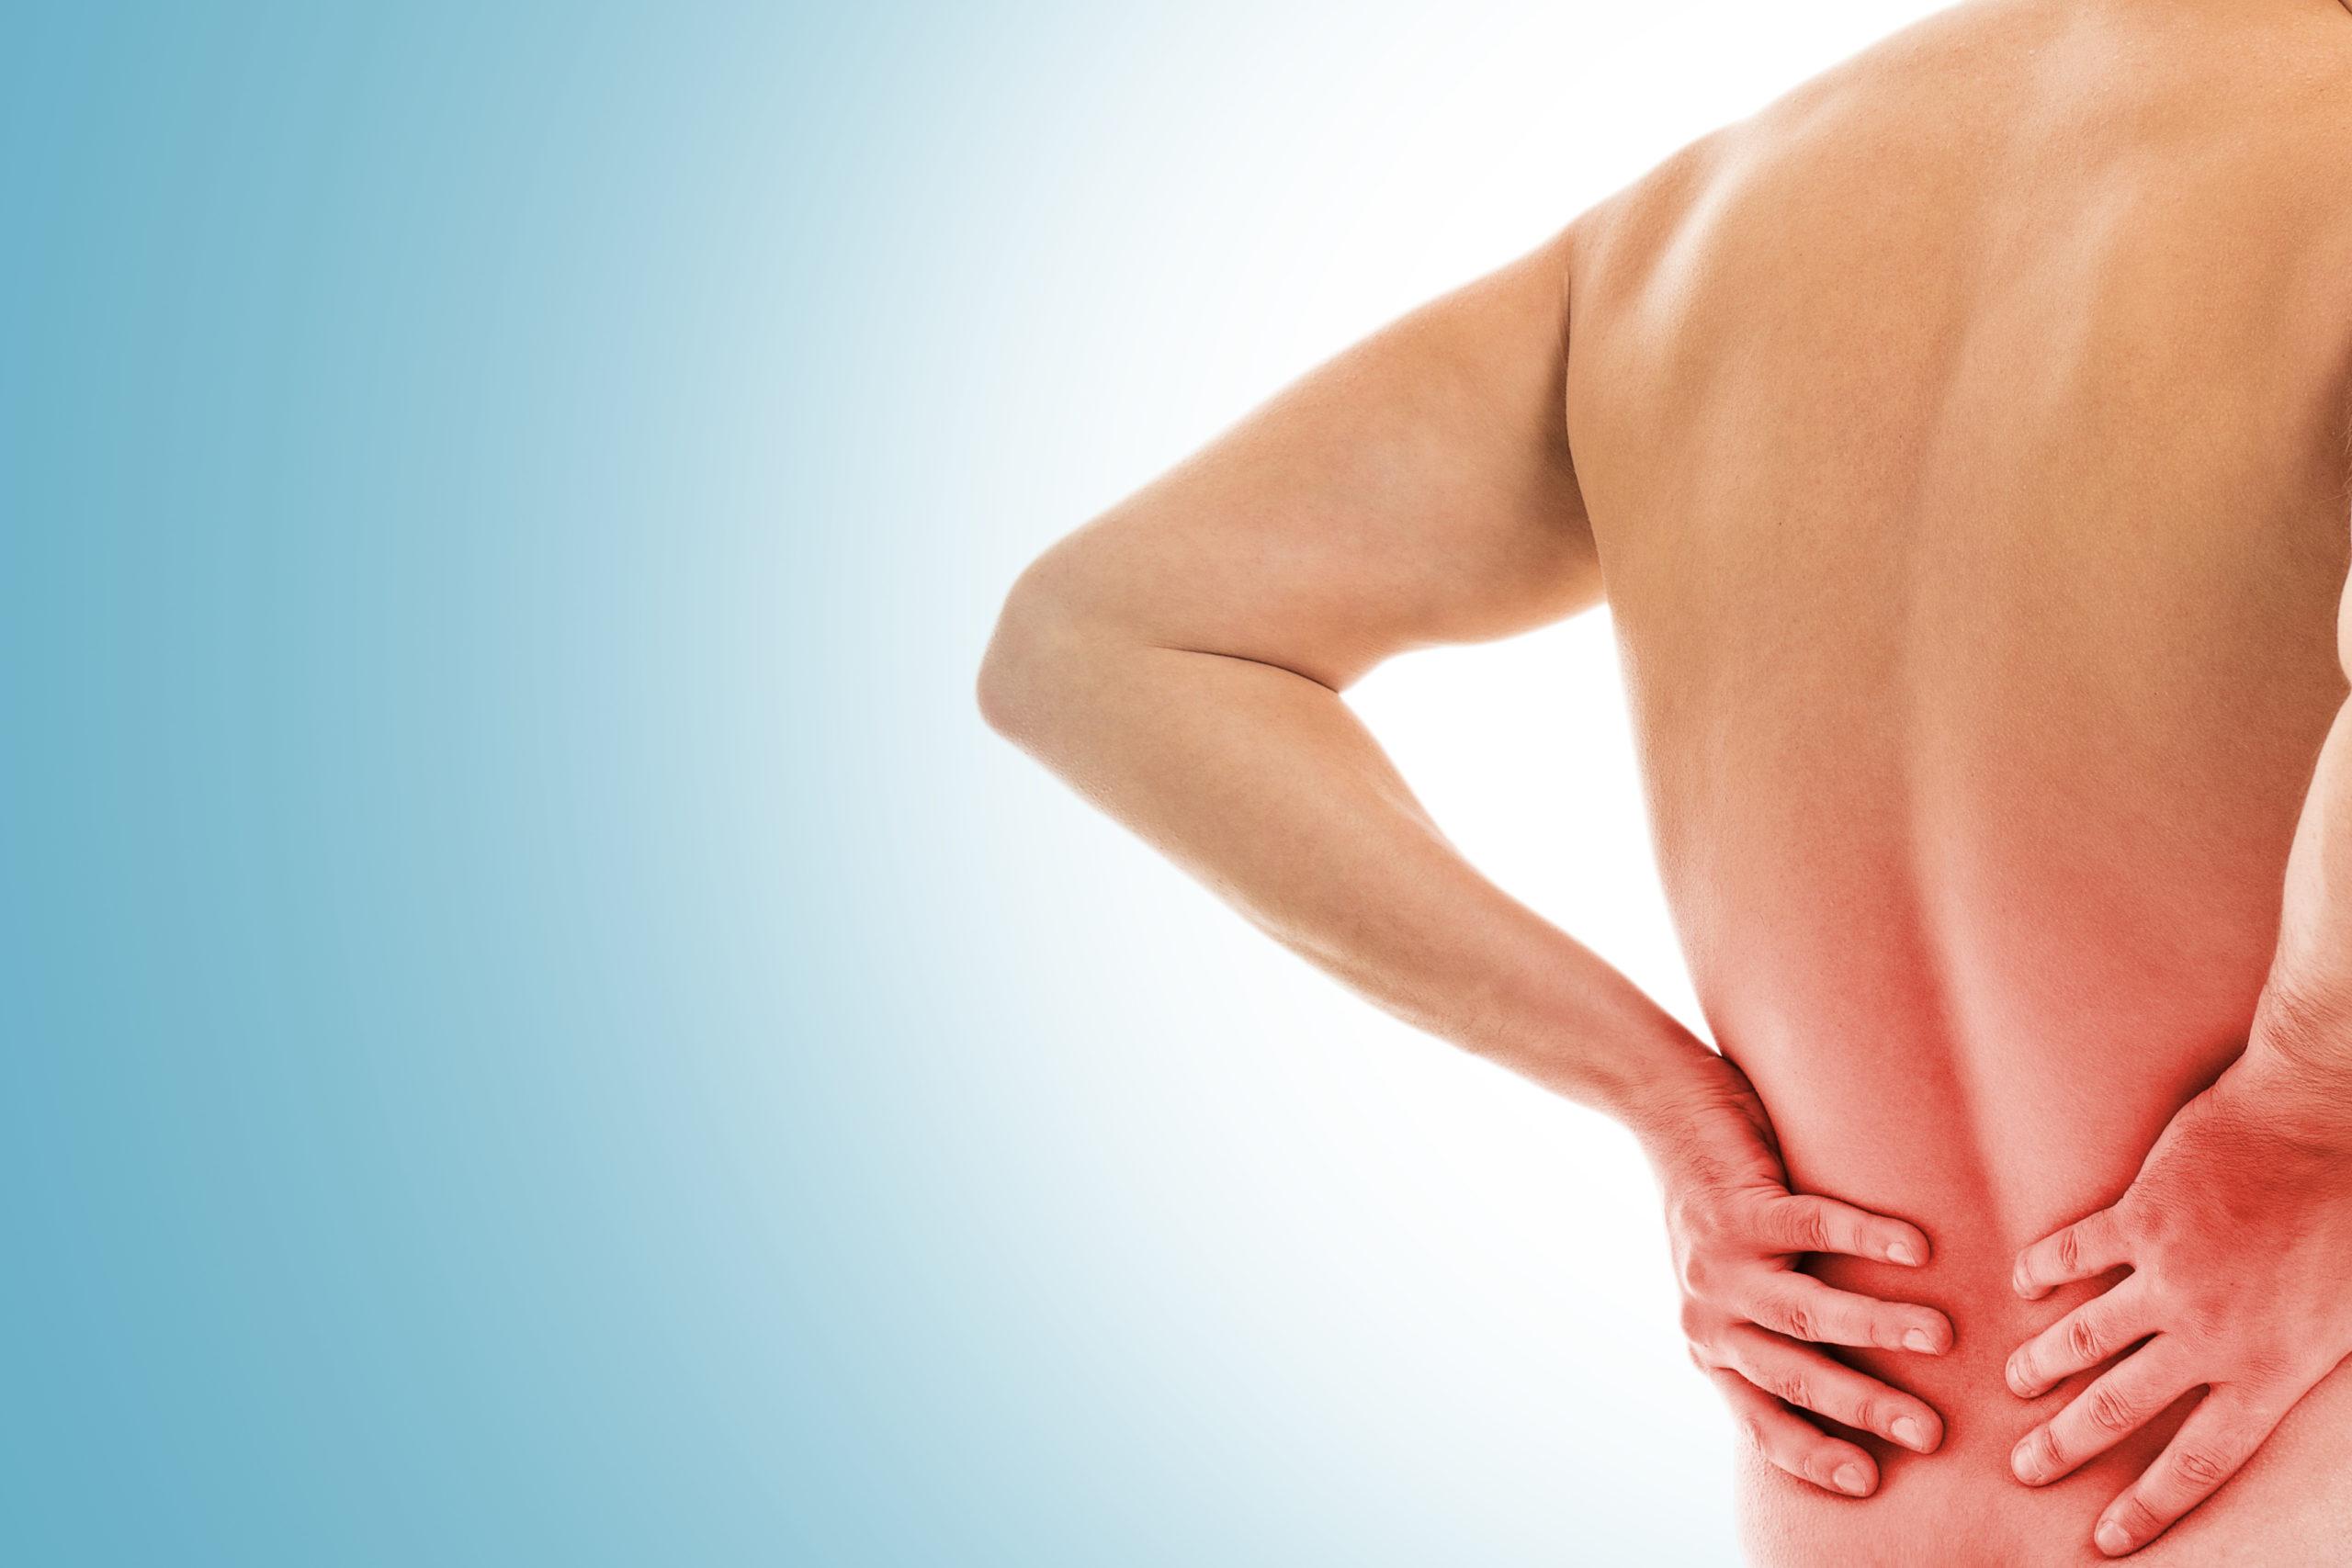 Heilpraktiker-Naturheilkunde-Osteopathie-Schmerztherapie-nach-Liebscher-Bracht-Frankfurt-am-Main-.jpg